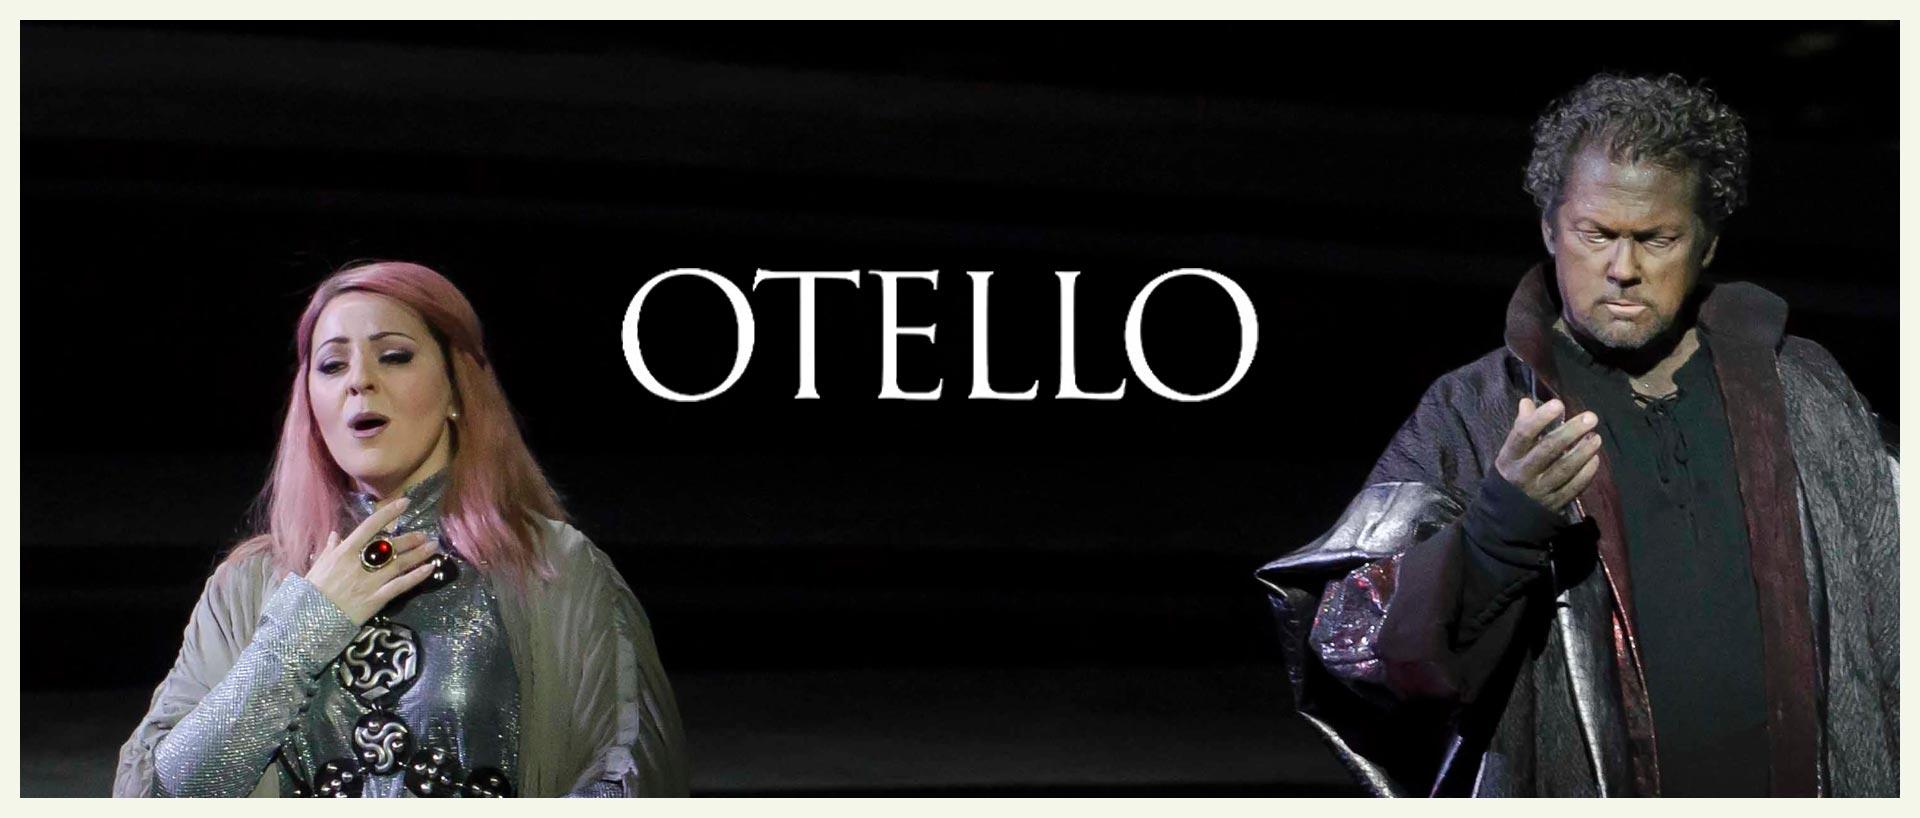 Otello_new.jpg